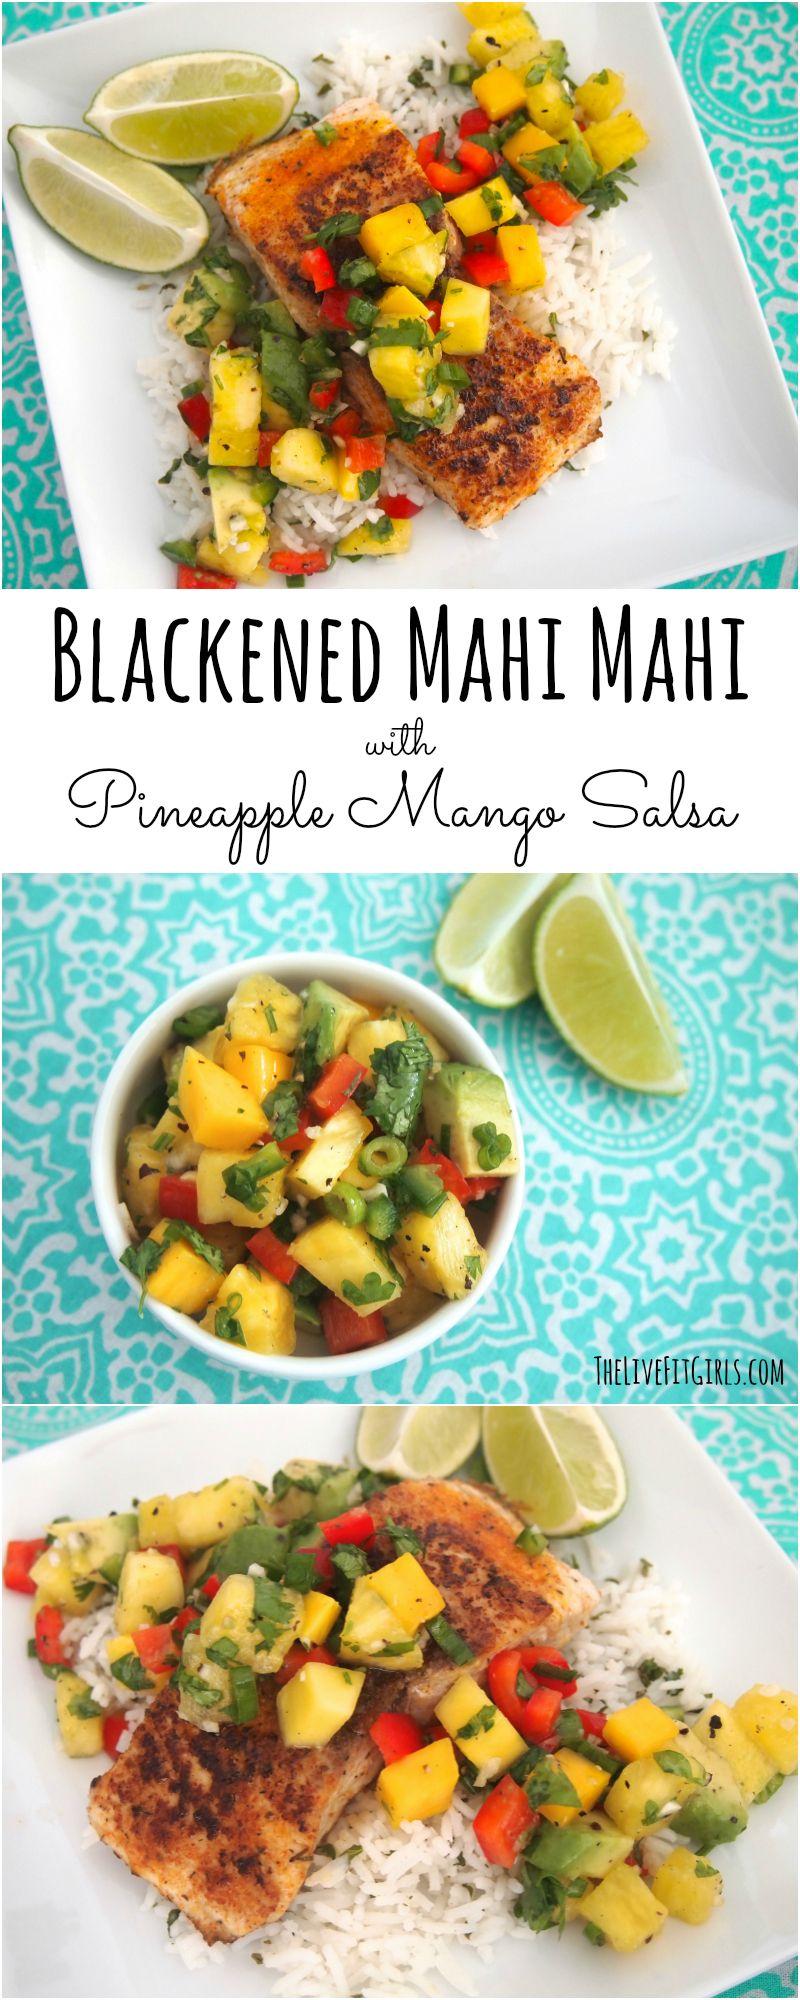 ... Mahi Mahi and Pineapple Mango Salsa is there perfect fish recipe for